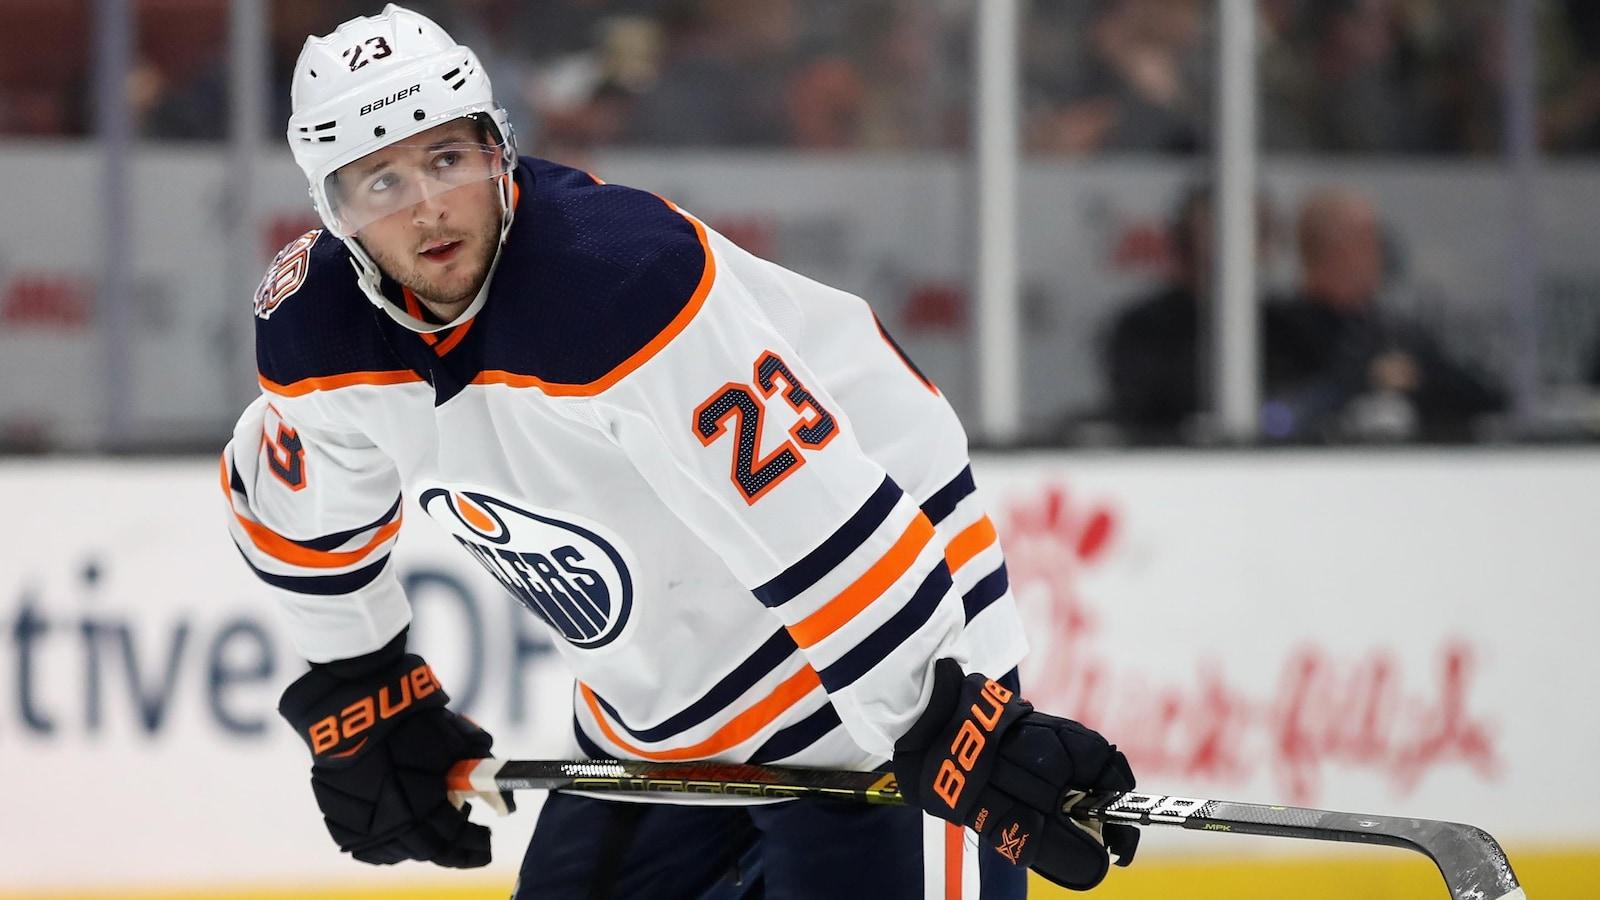 Ryan Spooner dans l'uniforme des Oilers d'Edmonton